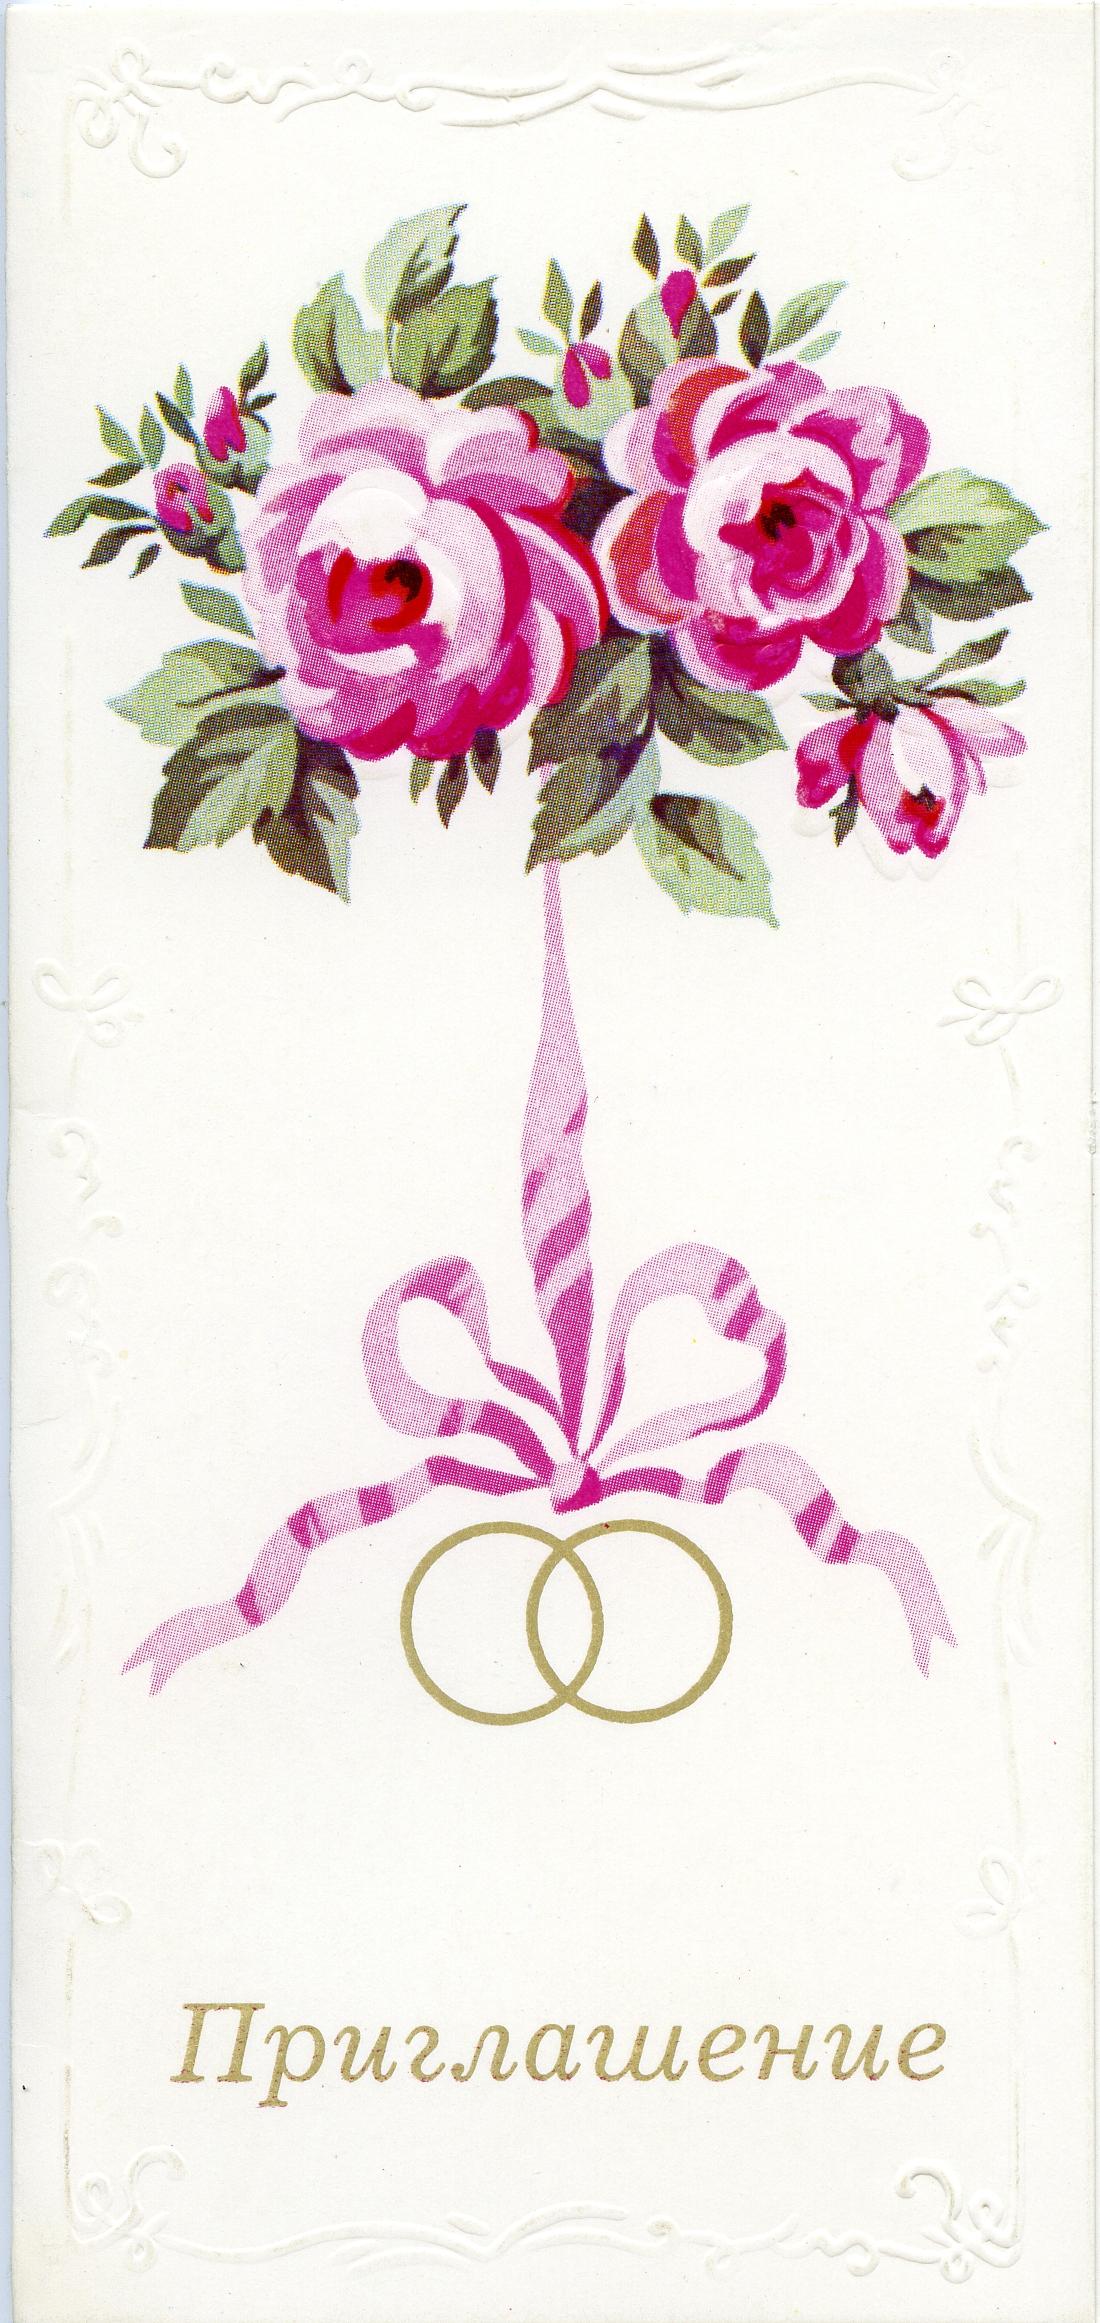 Красивые открытки с пожеланиями счастья, здоровья и добра 23